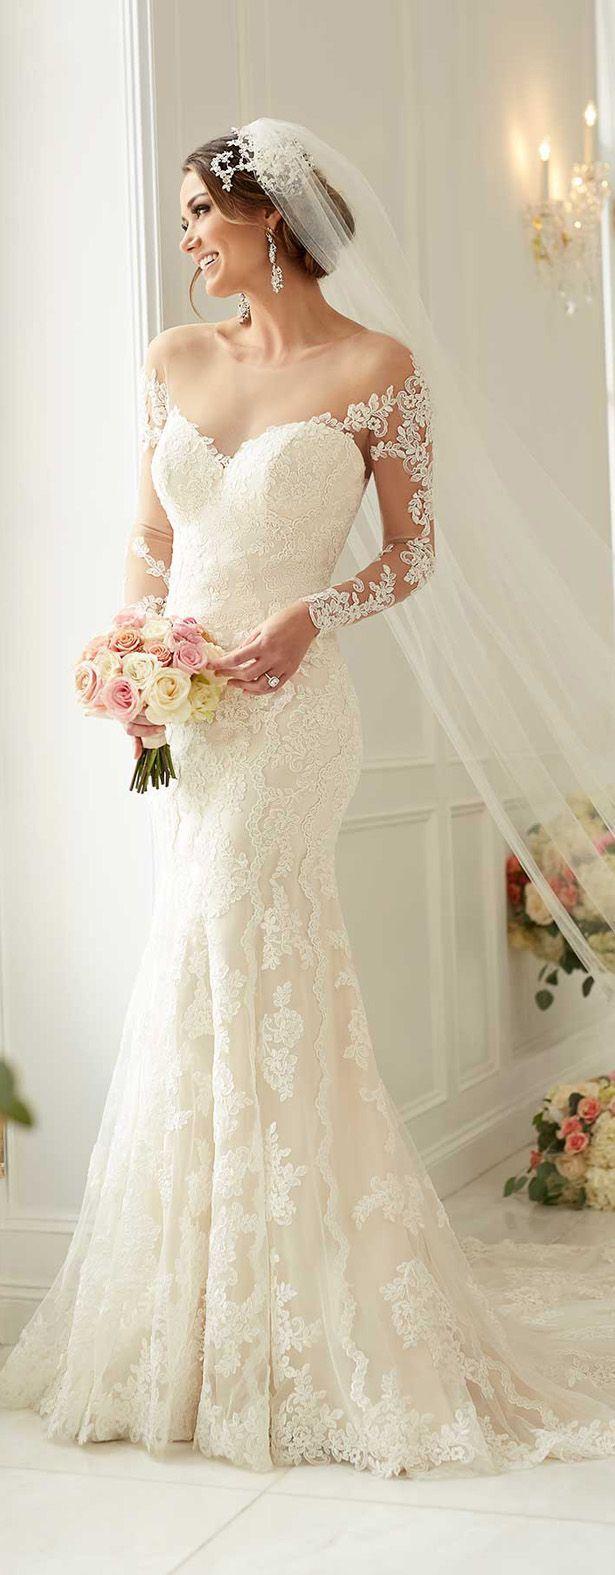 photo belle robe de mariage 192 et plus encore sur www.robe2mariage.eu